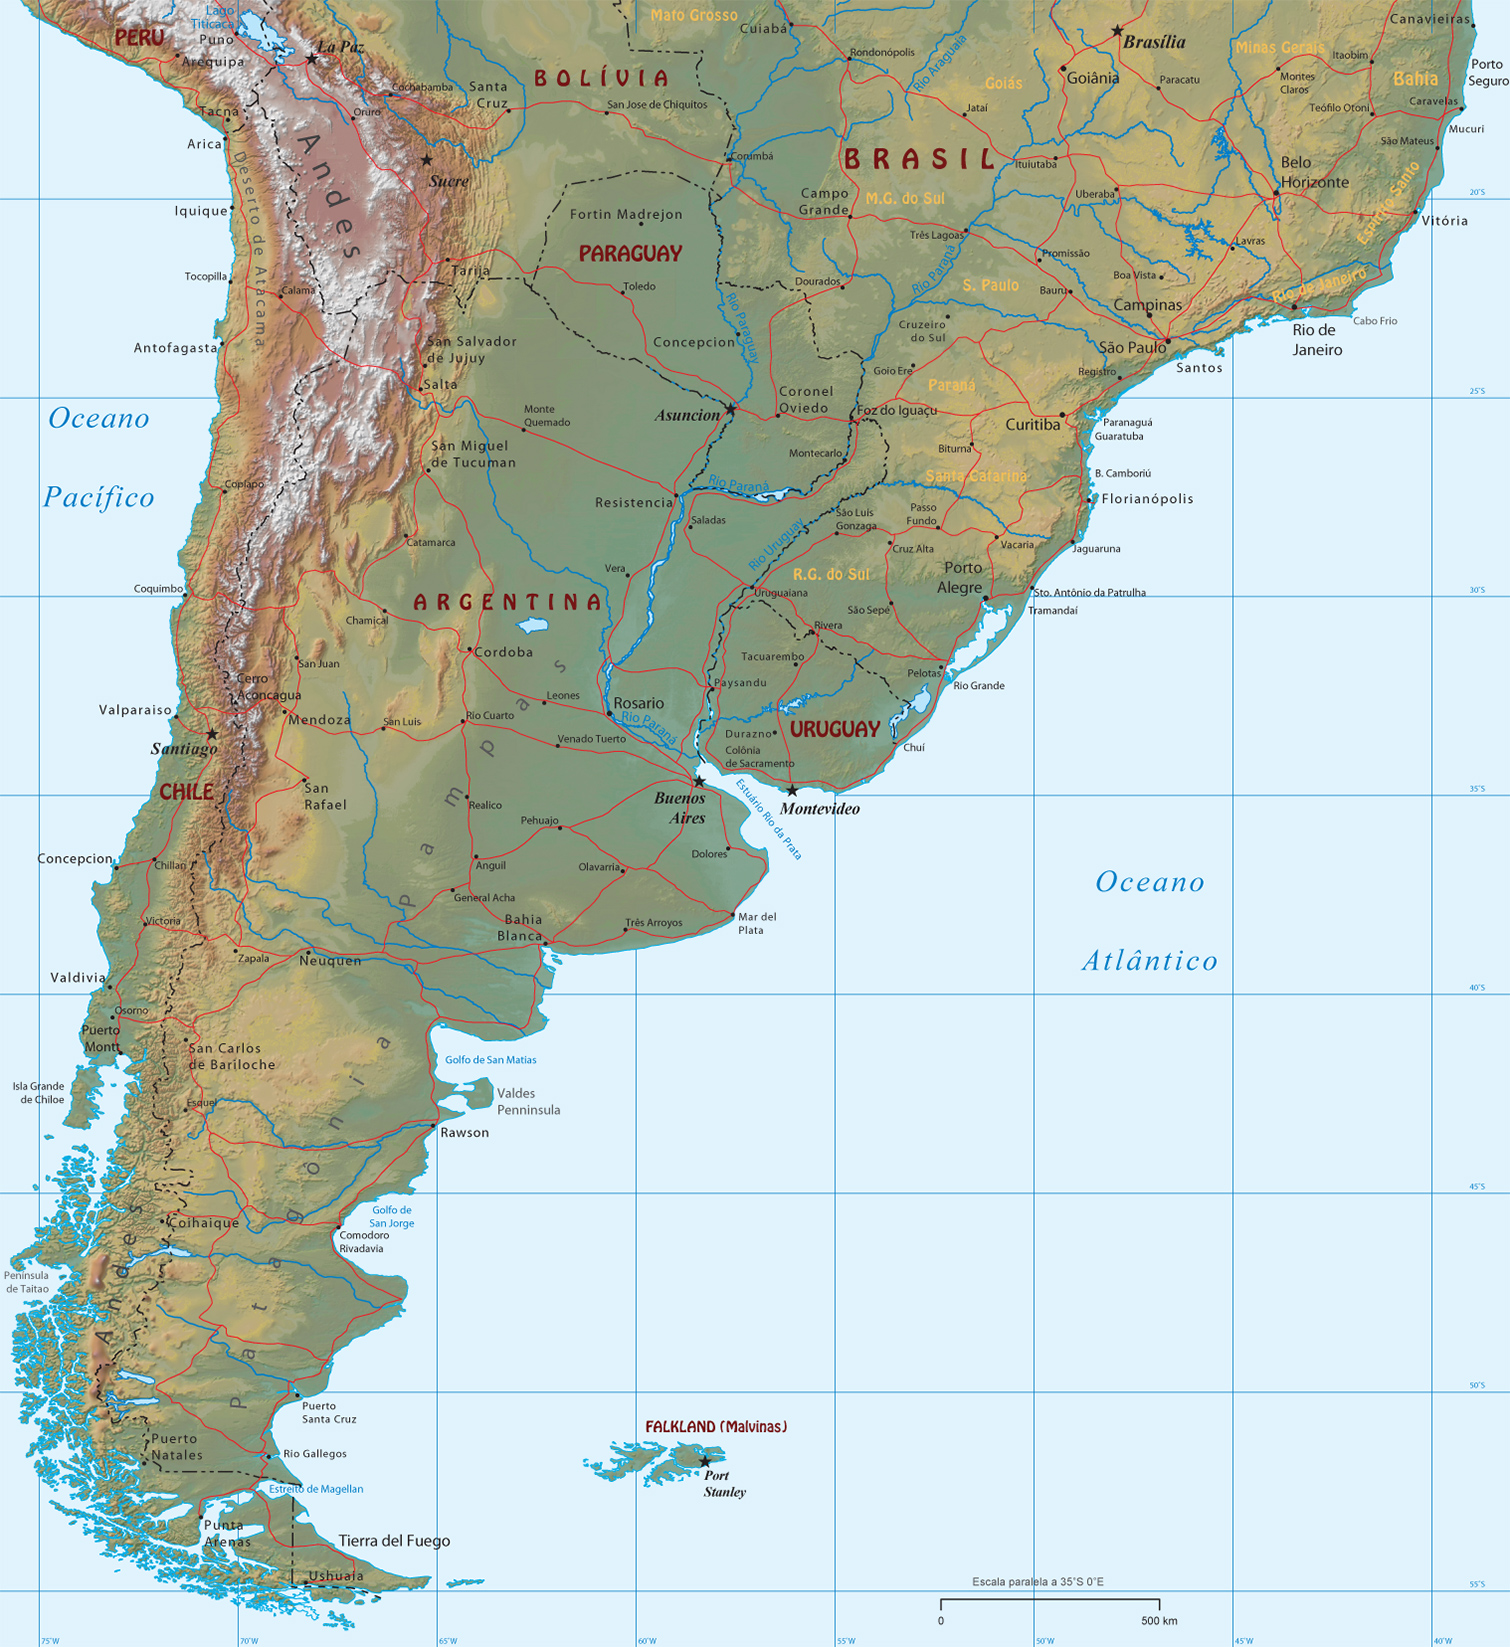 Mapas da Amrica do Sul